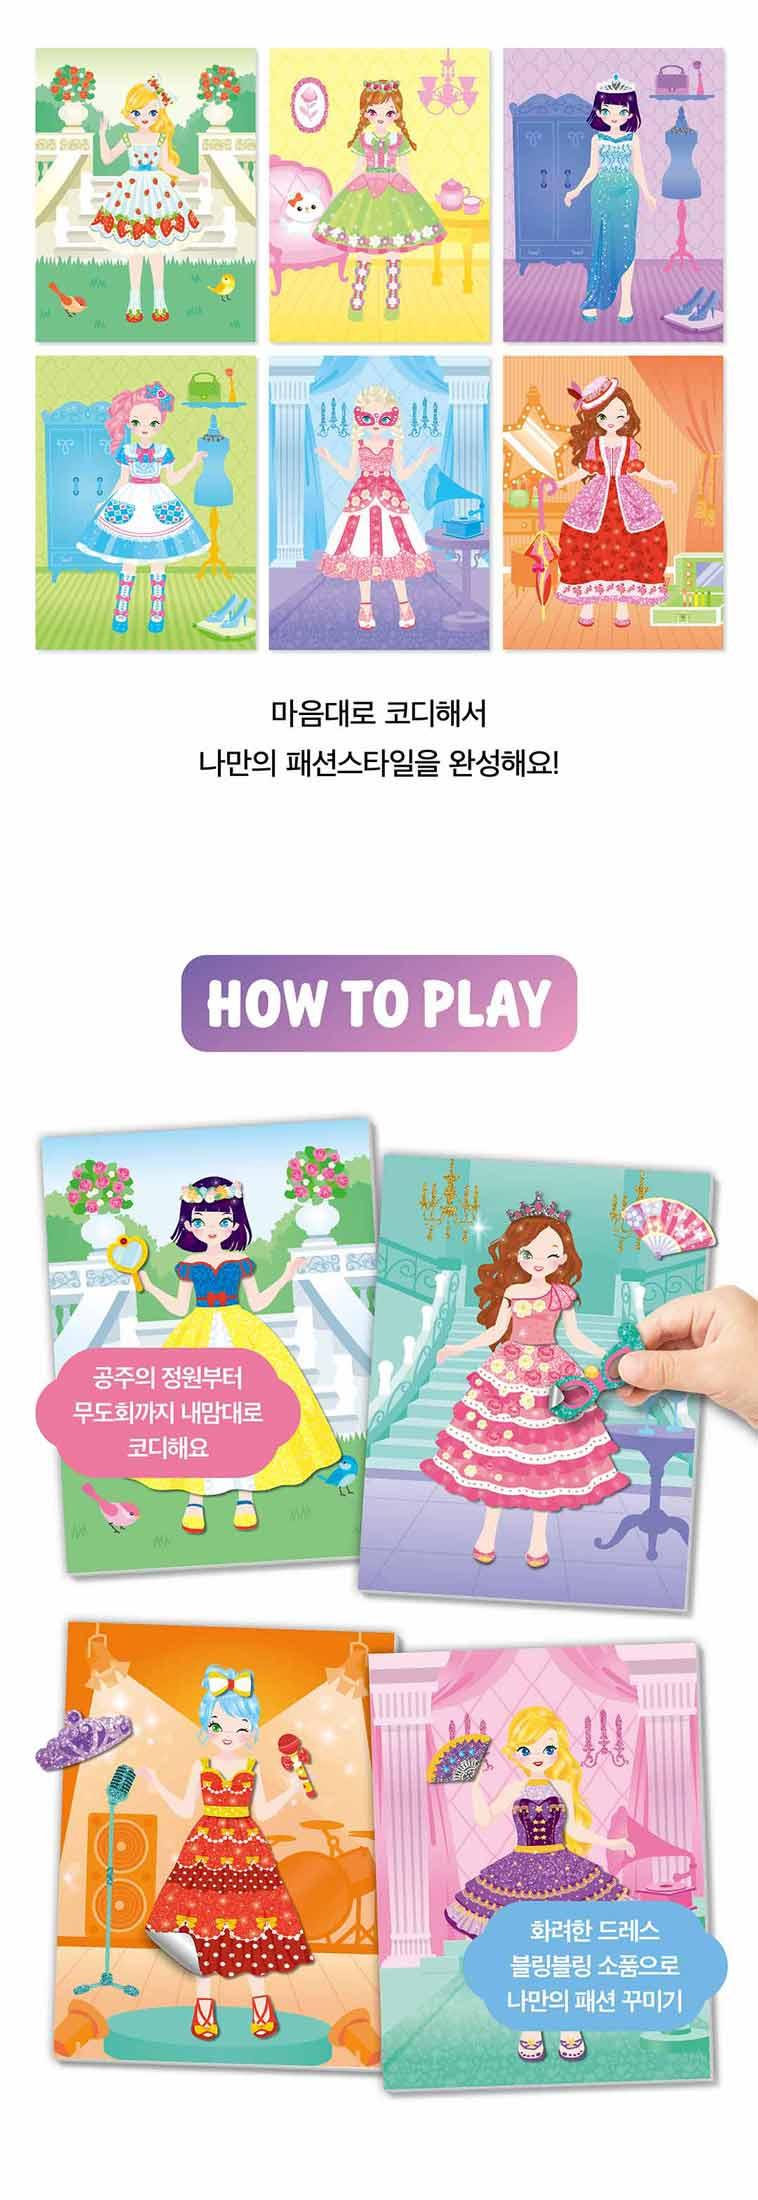 2맘대로상페_패션758.jpg